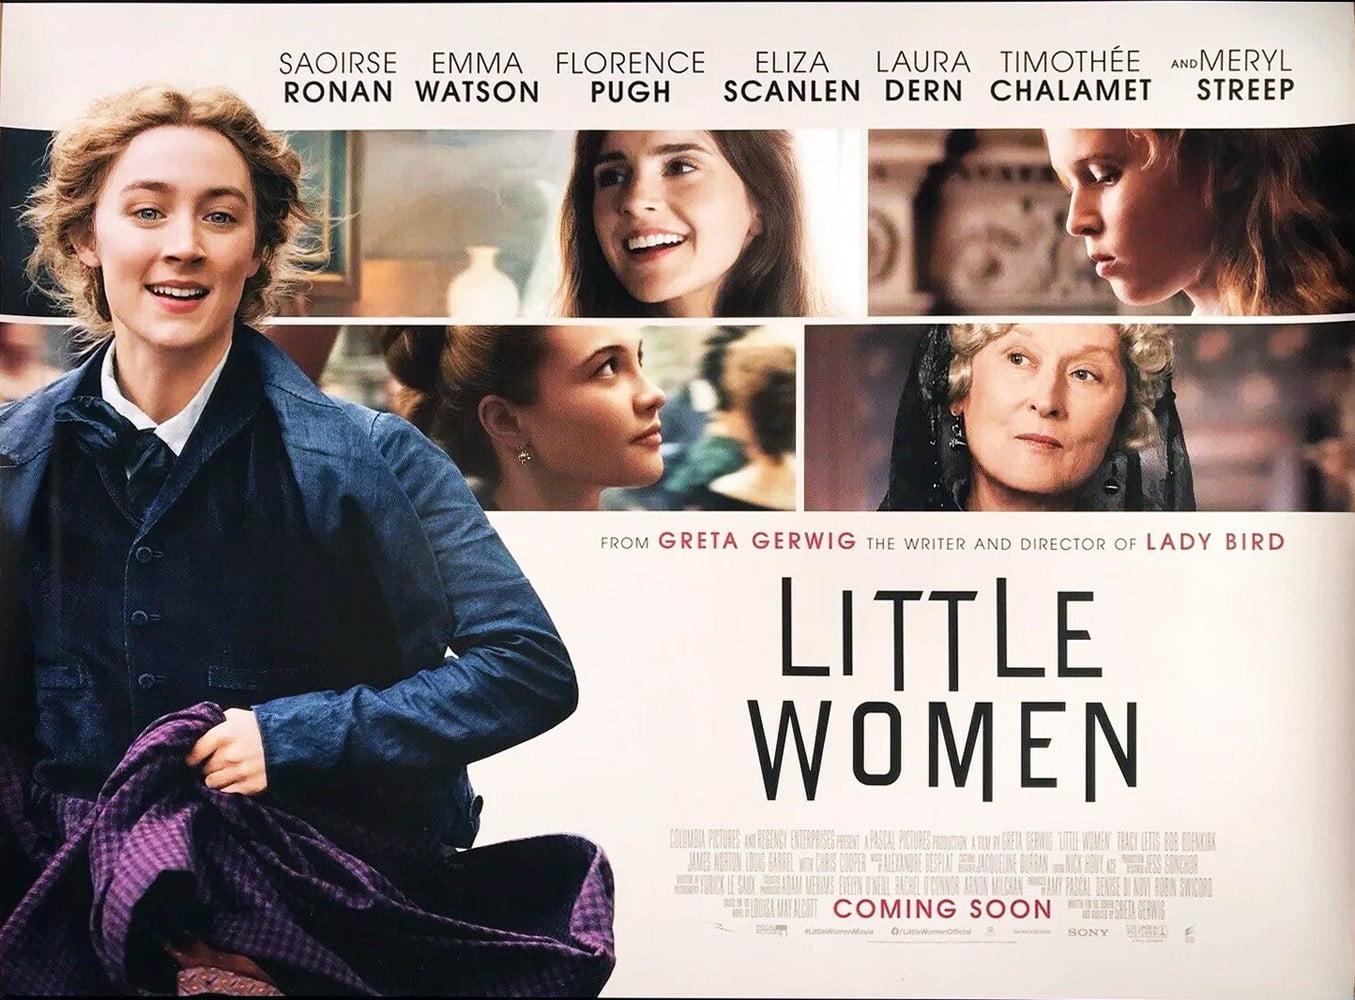 Littlewomen20193 1